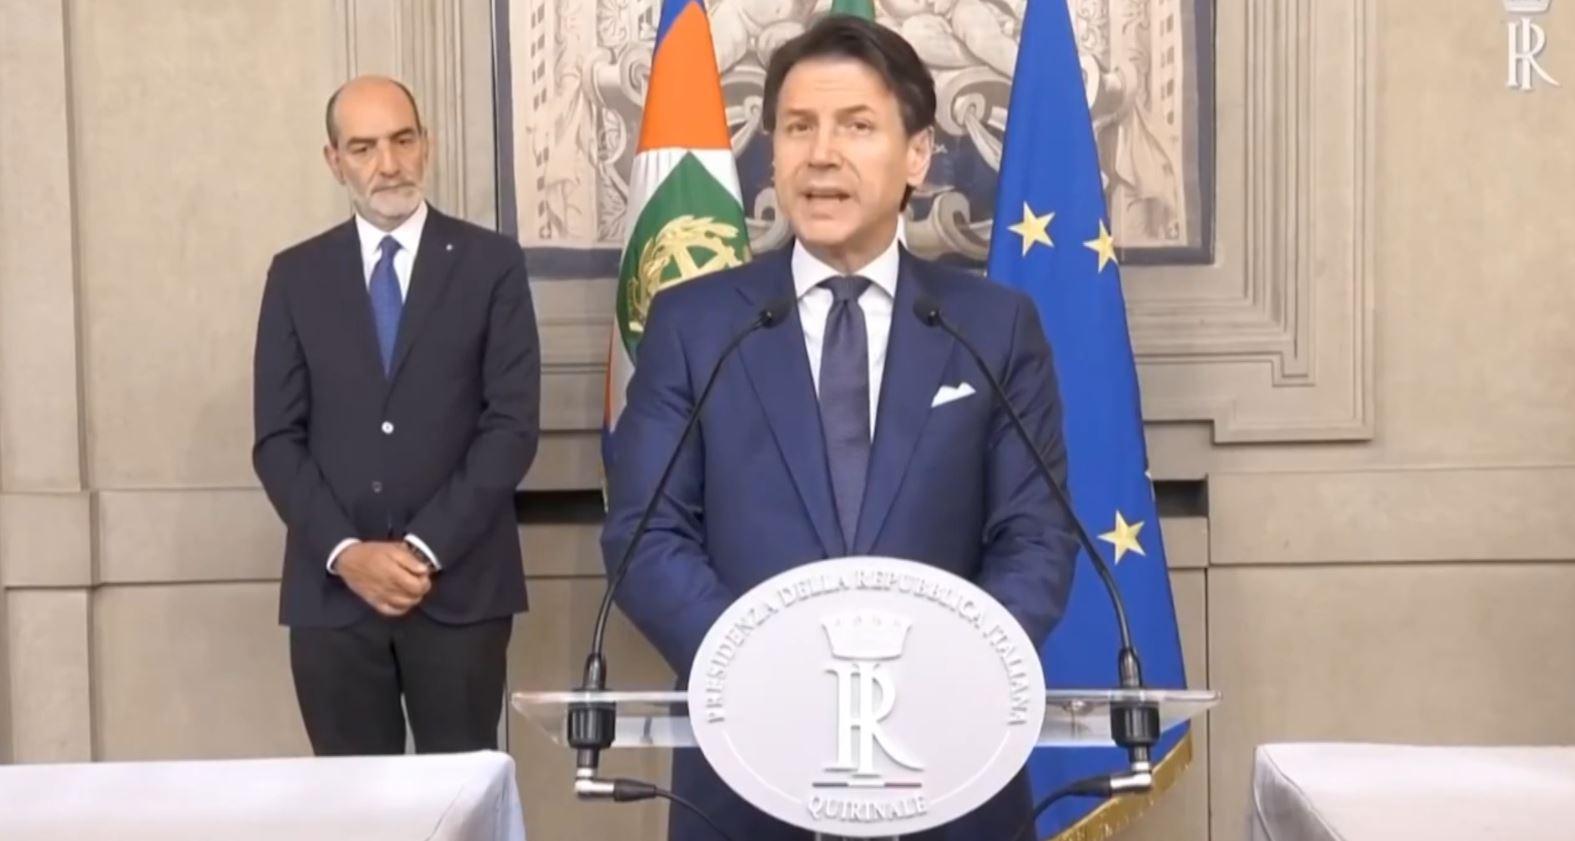 Negociatat | Merkel nesër takohet me Macron, kryeministri italian të martën në Tiranë